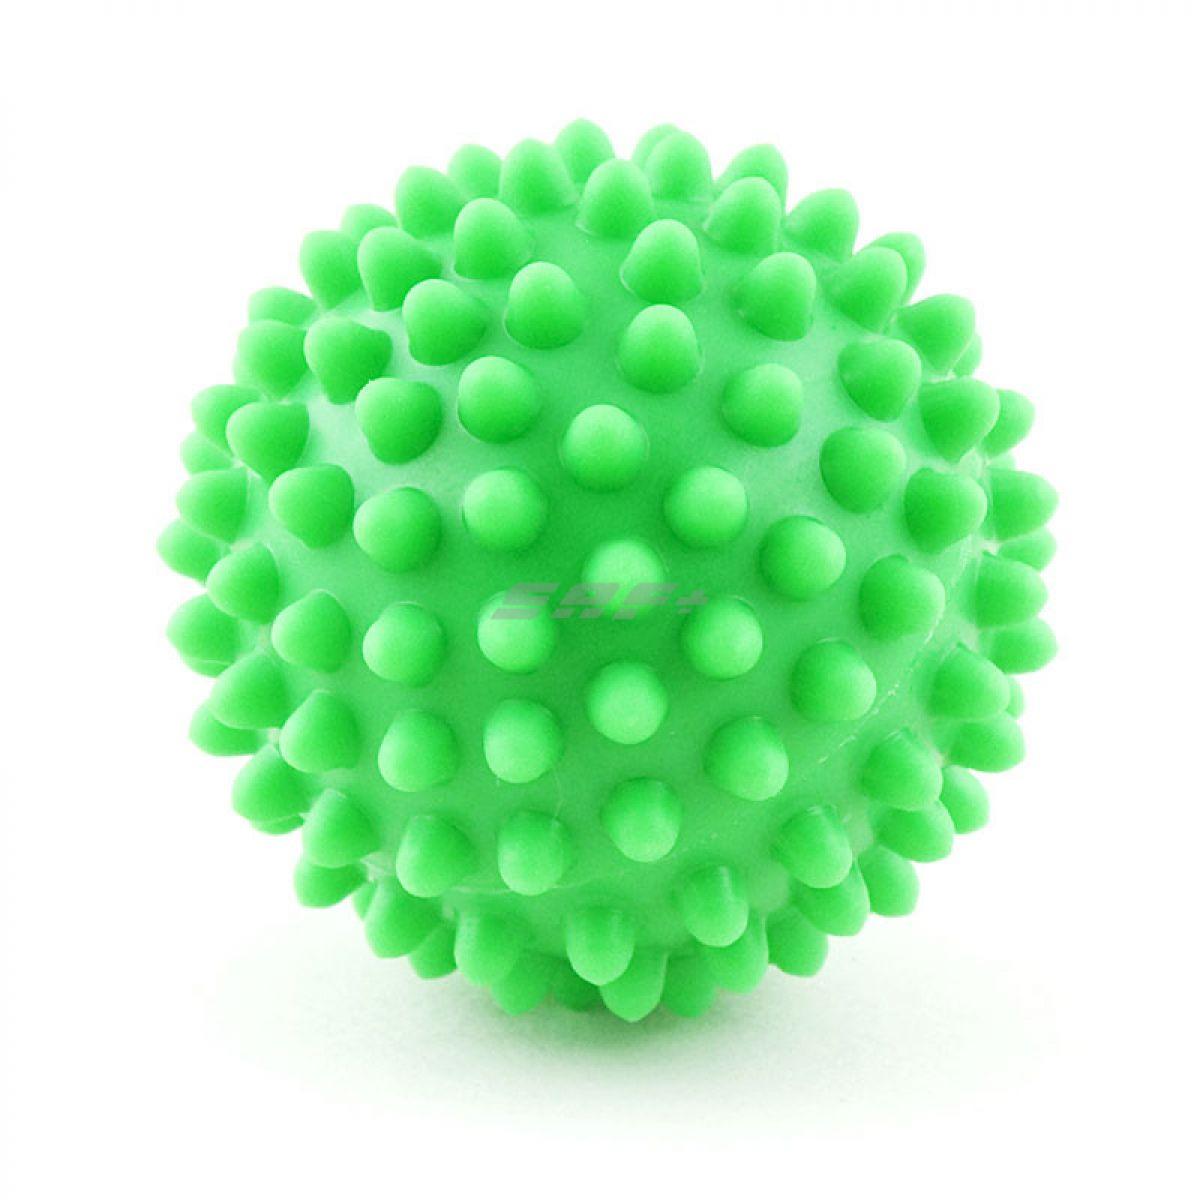 Мяч массажный, арт. 300107, ЗЕЛЕНЫЙ, диам. 7 см, поливинилхлорид